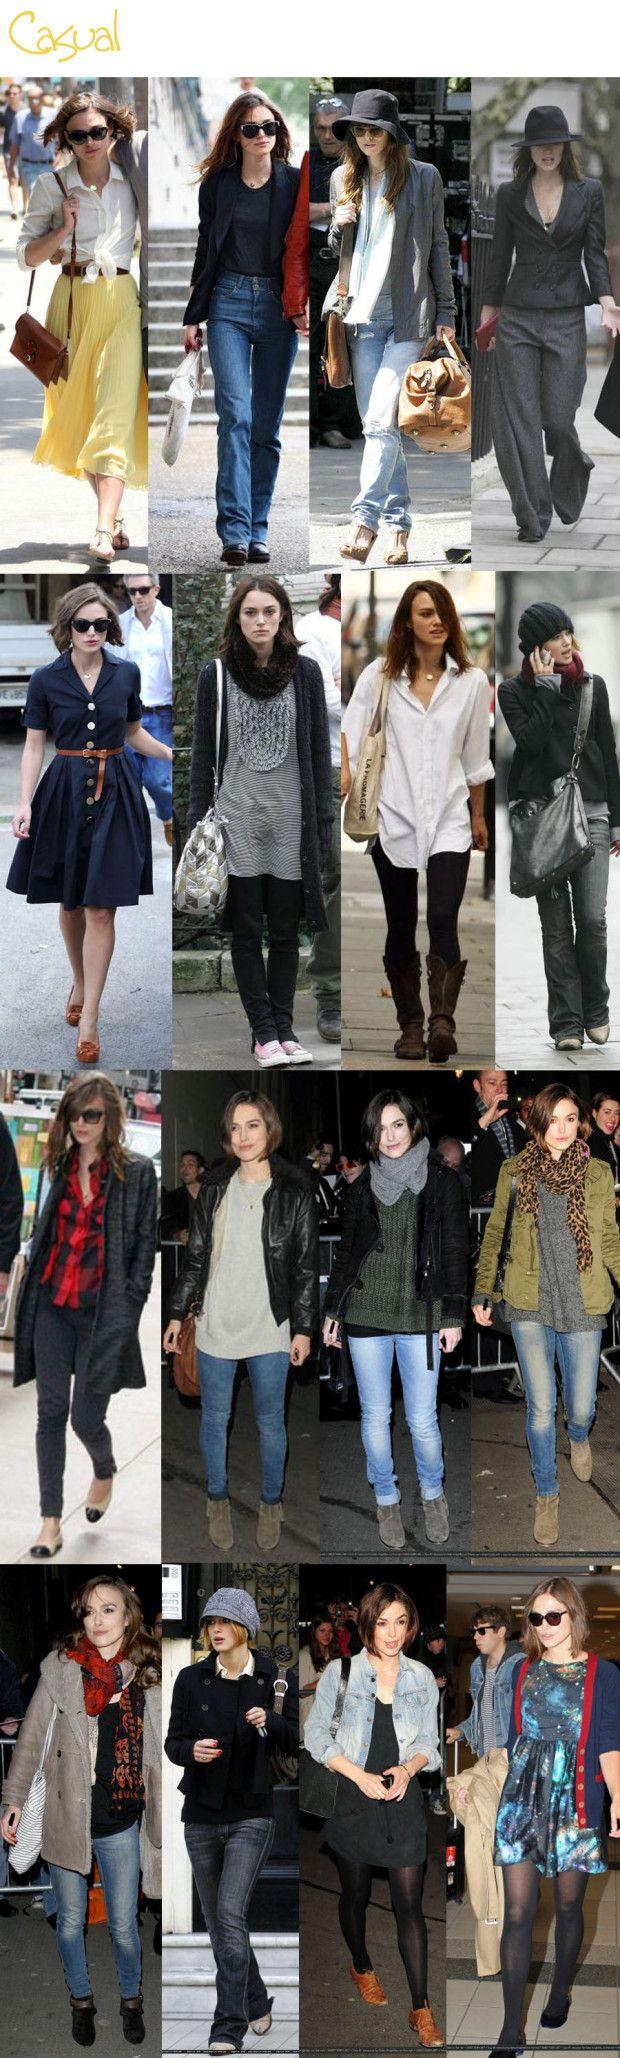 Diferentes looks e estilos da Keira: inspiração para o dia a dia